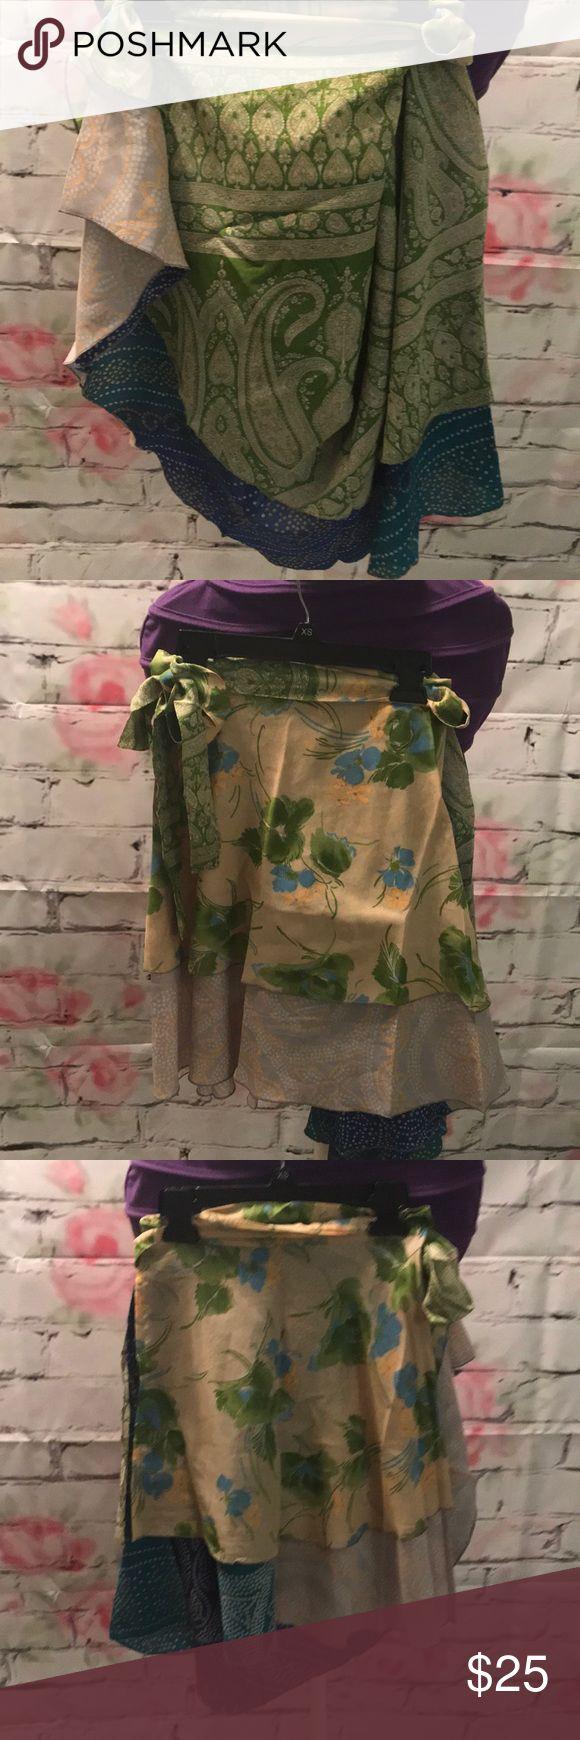 Urban Nomad NWOT silk wrap skirt Urban Nomad NWOT silk wrap skirt. You can wear in multiple different ways! Size: one size Urban Nomad Skirts